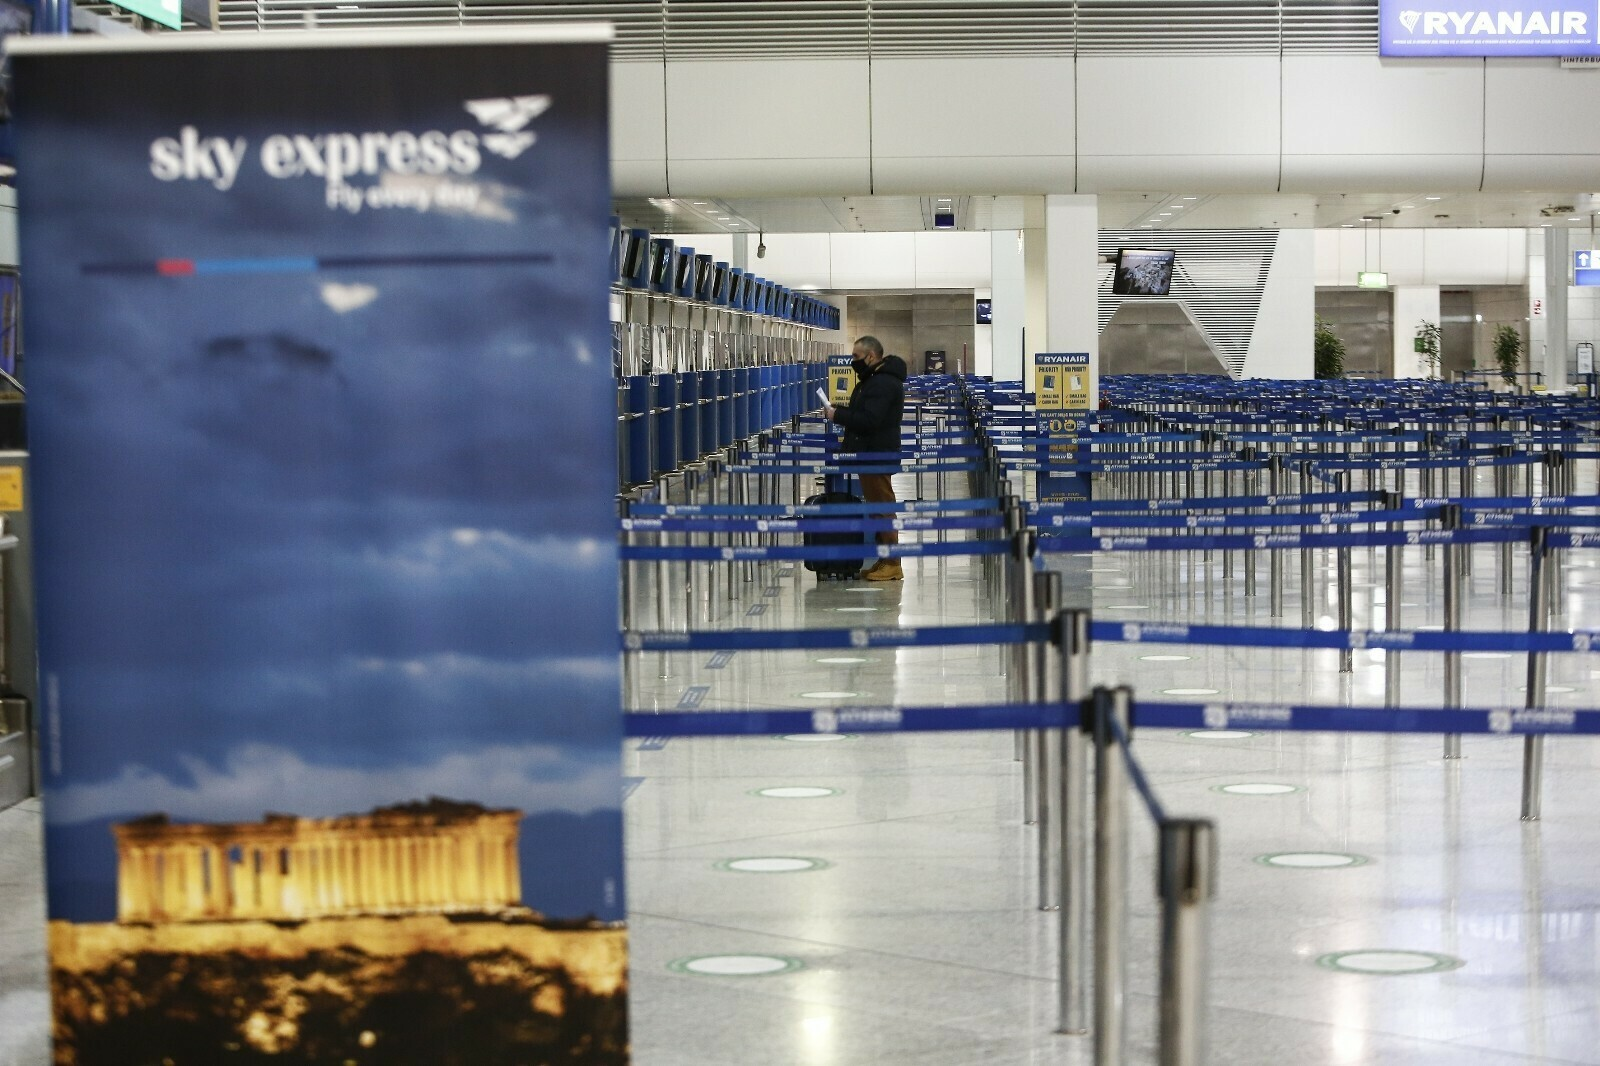 Komşu, uluslararası uçuşlardaki kısıtlamaları 19 Nisan'a kadar uzattı